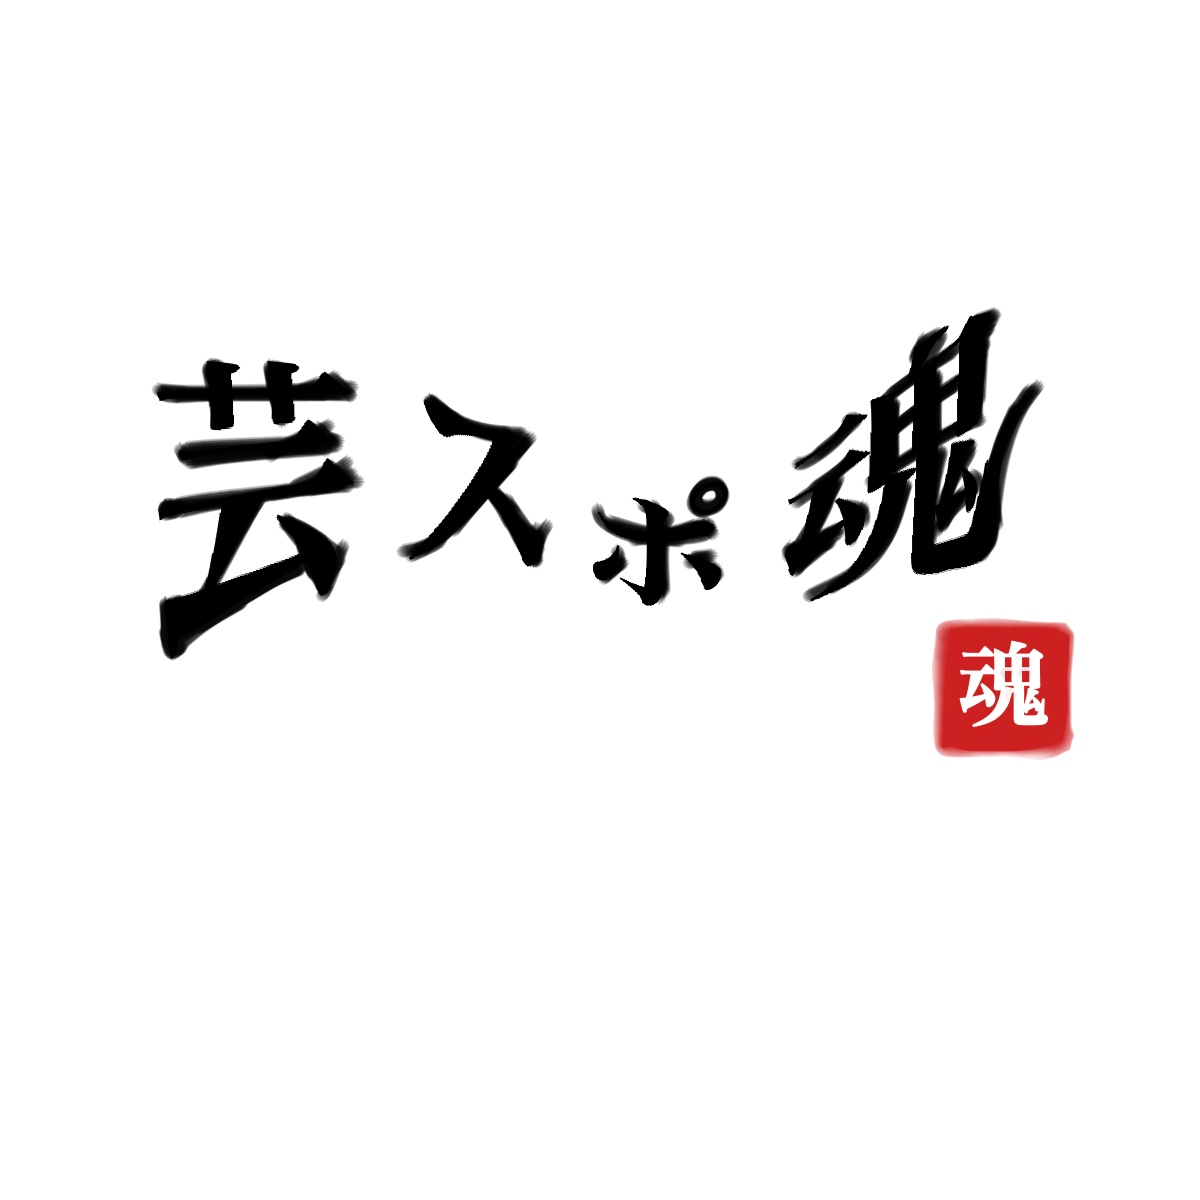 岸みゆ|カップと身長が話題!高校は埼玉県と判明。本名を特定か